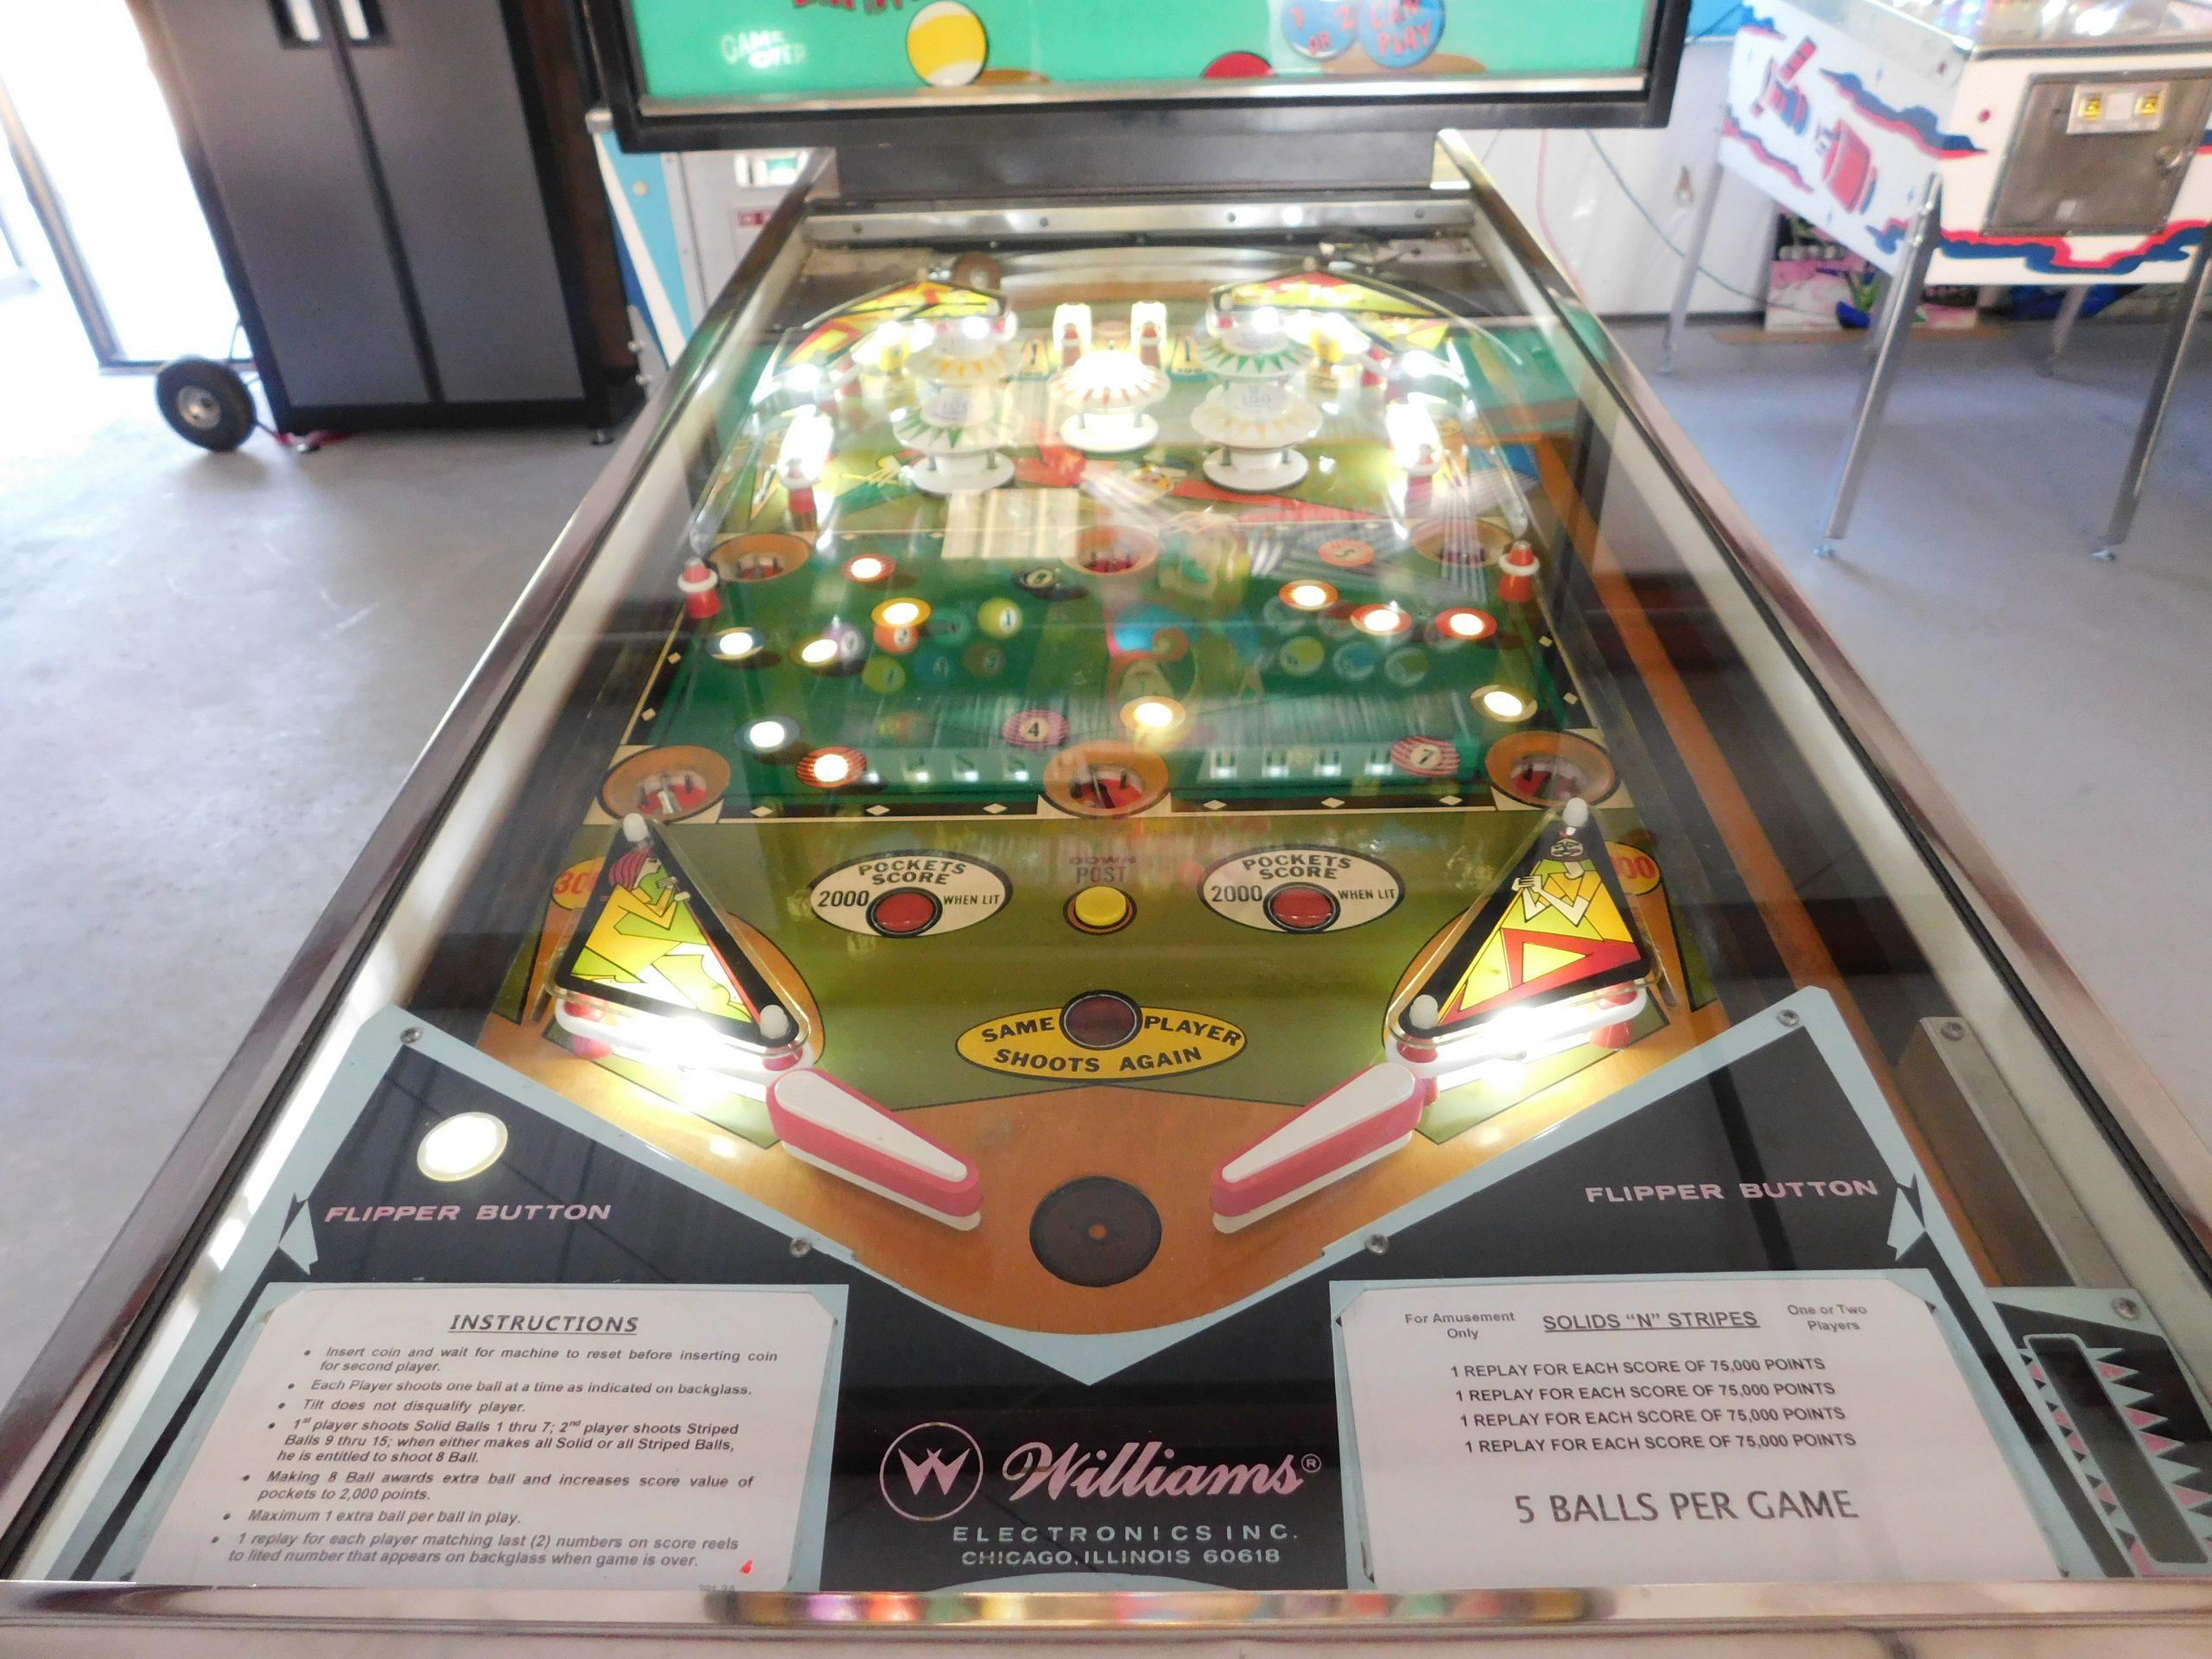 Pinball Restorations, Williams Solids N Stripes